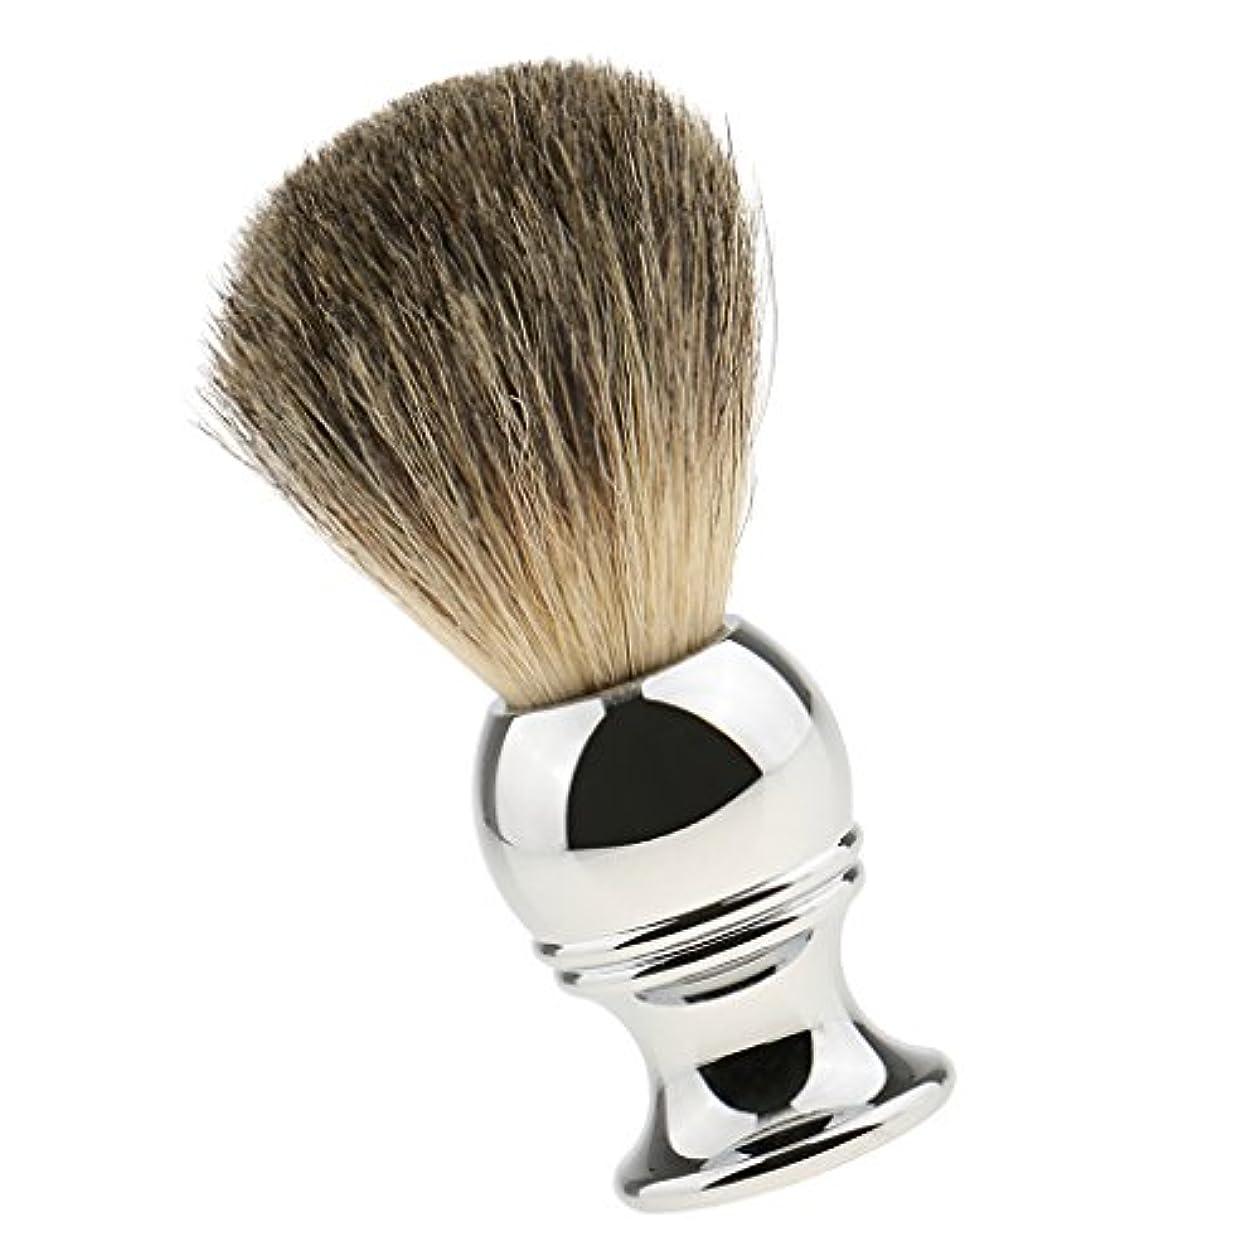 フリンジすべきポーズKesoto 男性用 高品質 高密度 シェービングブラシ ロングハンドル 髭剃り 洗顔 ブラシ シェーブツール